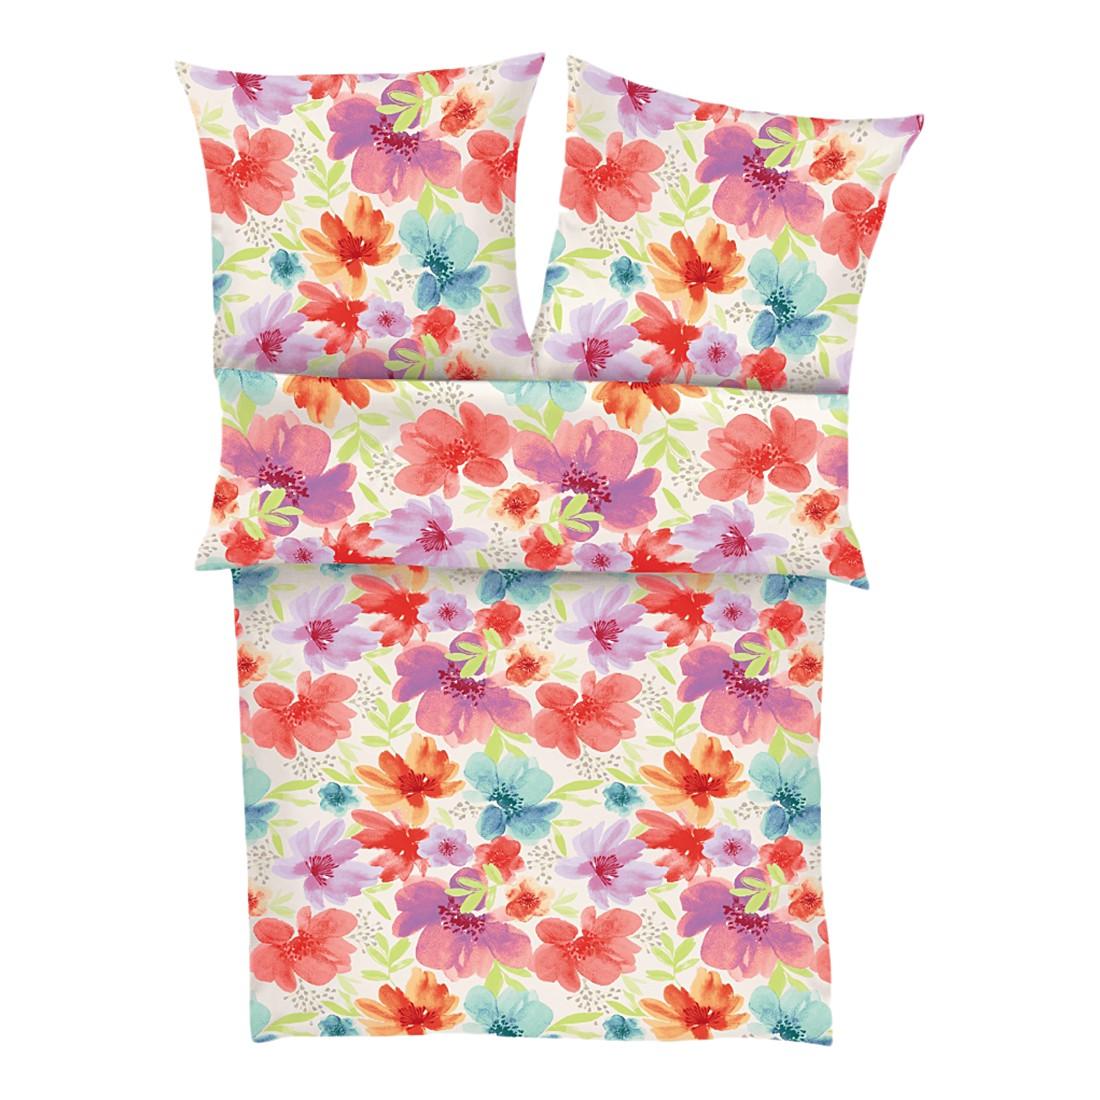 Renforcébettwäsche Fleur – Pastell – Maße: 155 x 220 cm, s.Oliver jetzt kaufen